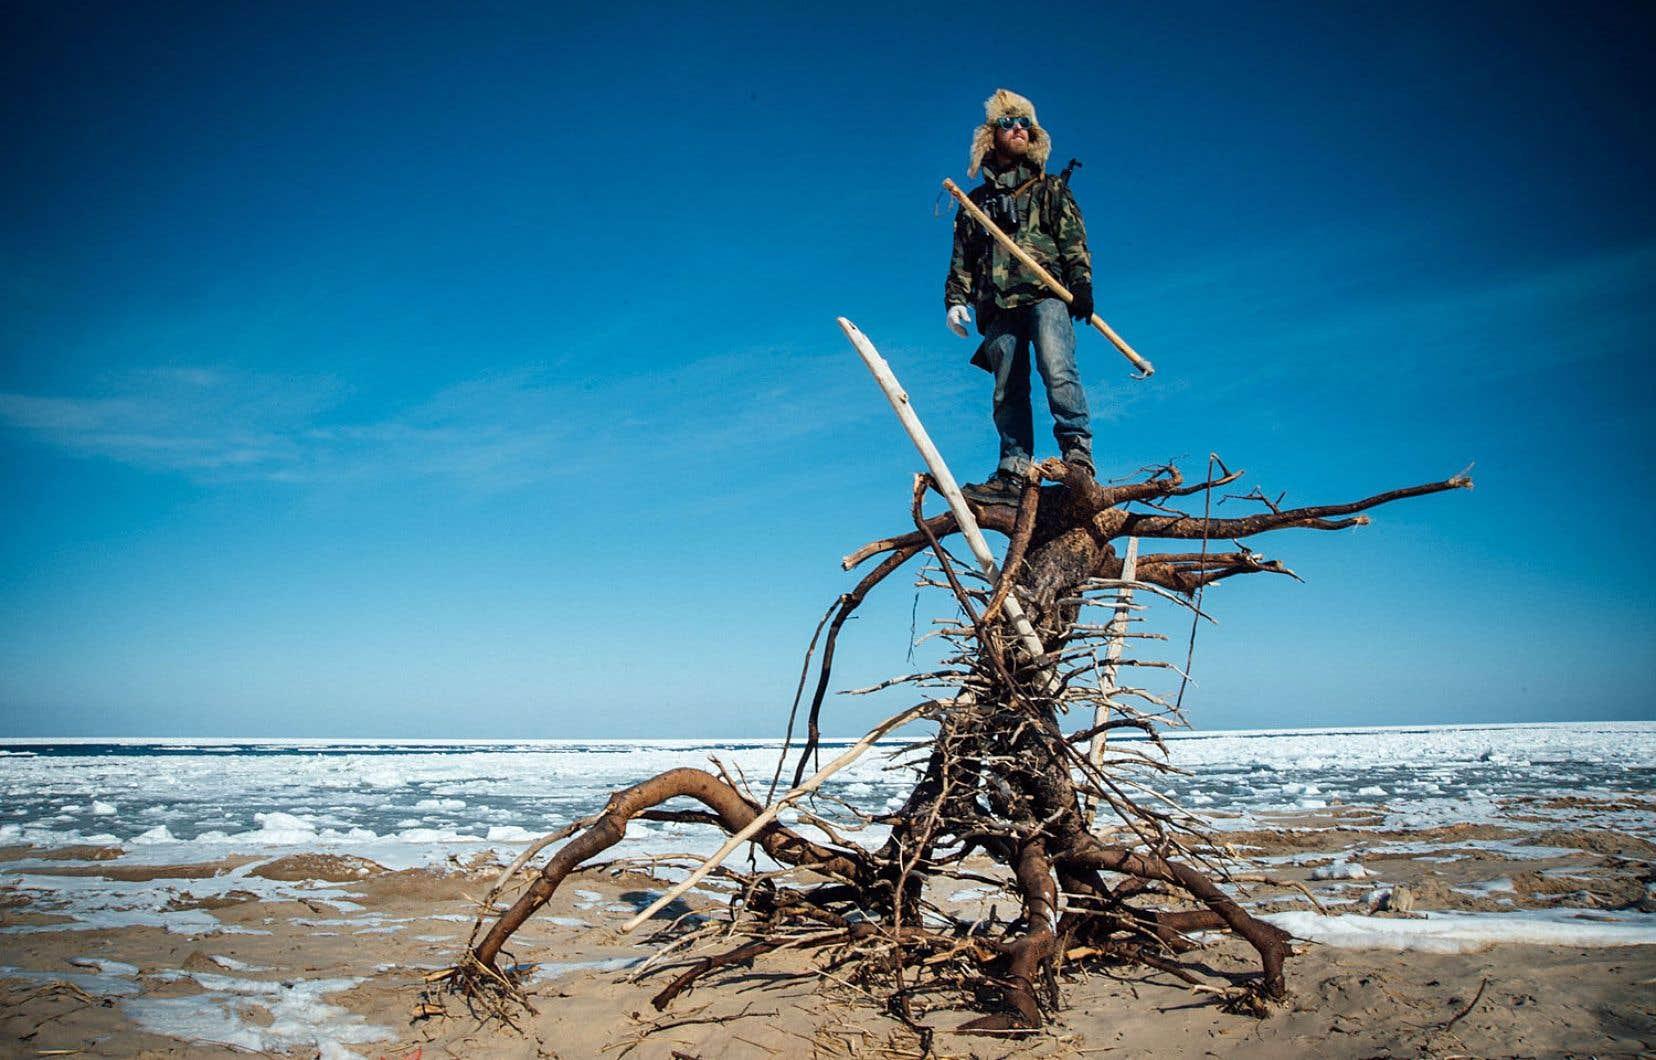 Le documentaire permet de découvrir les paysages hivernaux magnifiques des îles de la Madeleine, mais aussi un art de vivre propre à cette communauté insulaire qui s'accroche à son amour du territoire, au-delà de la cohue touristique estivale.